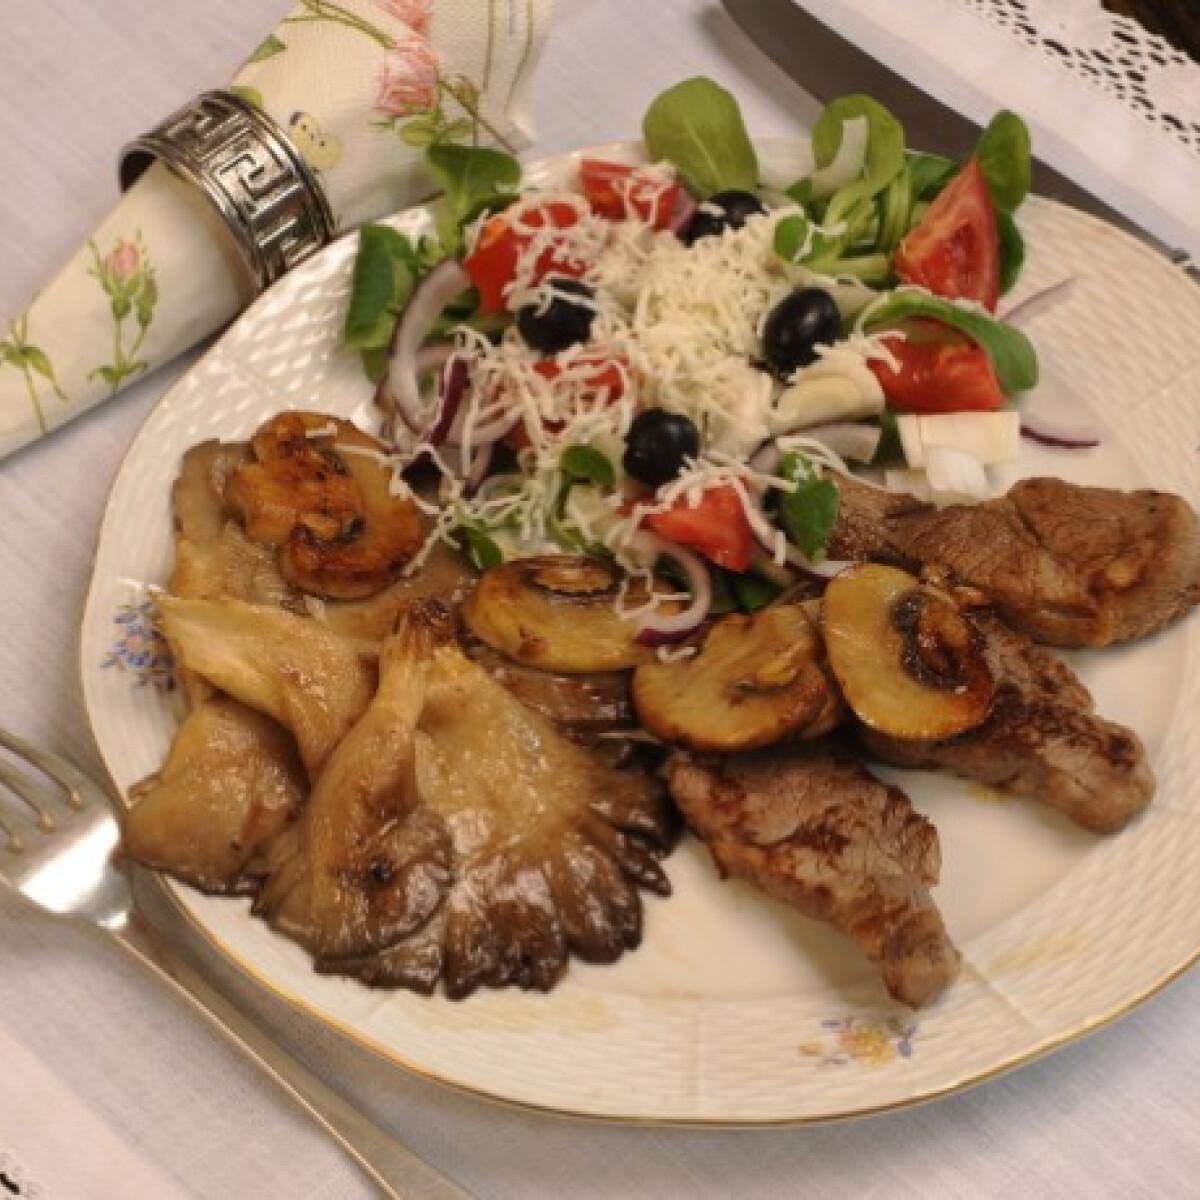 Grillezett szűzpecsenye gombával és friss salátával